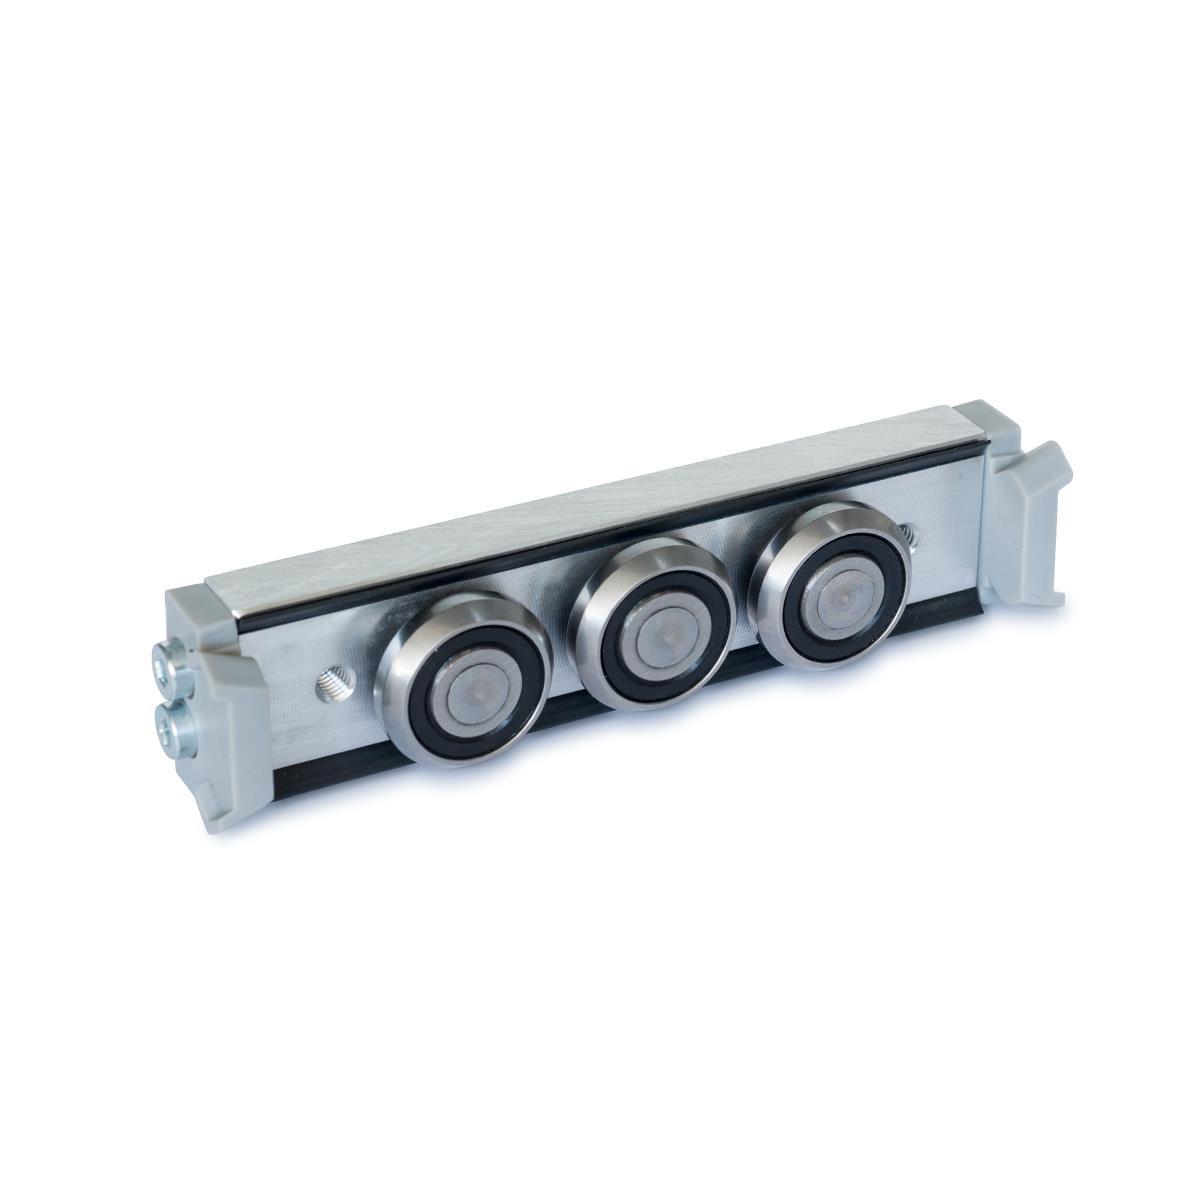 GN 2424 Correderas de rodillos Tipo: N - Corredera de rodillos normal, disposición central Versión: X - con junta móvil para carril de rodamiento fijo (carril enX)